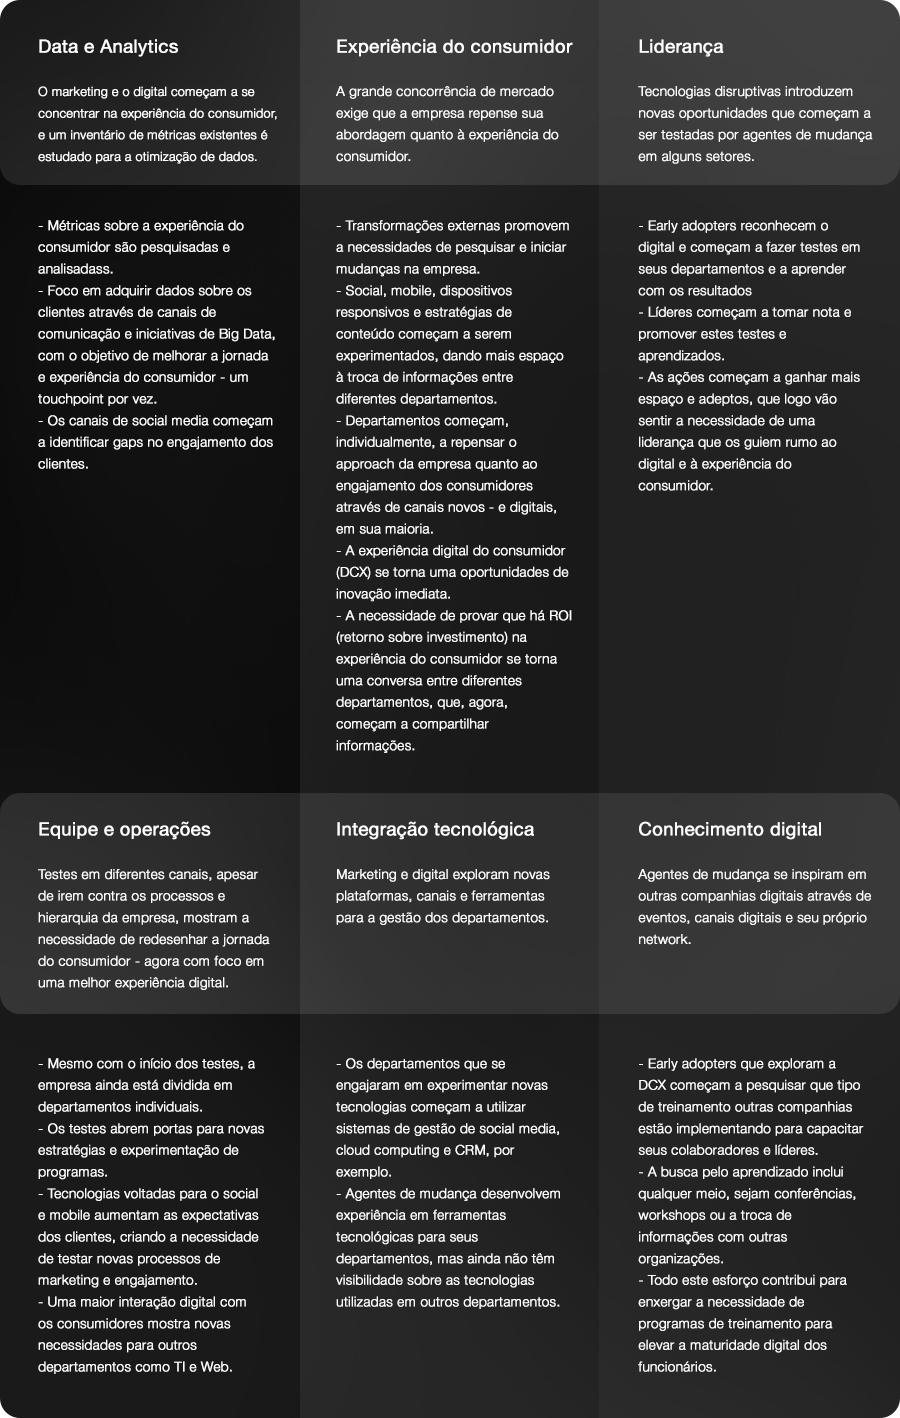 2º Estágio da Transformação Digital em uma empresa